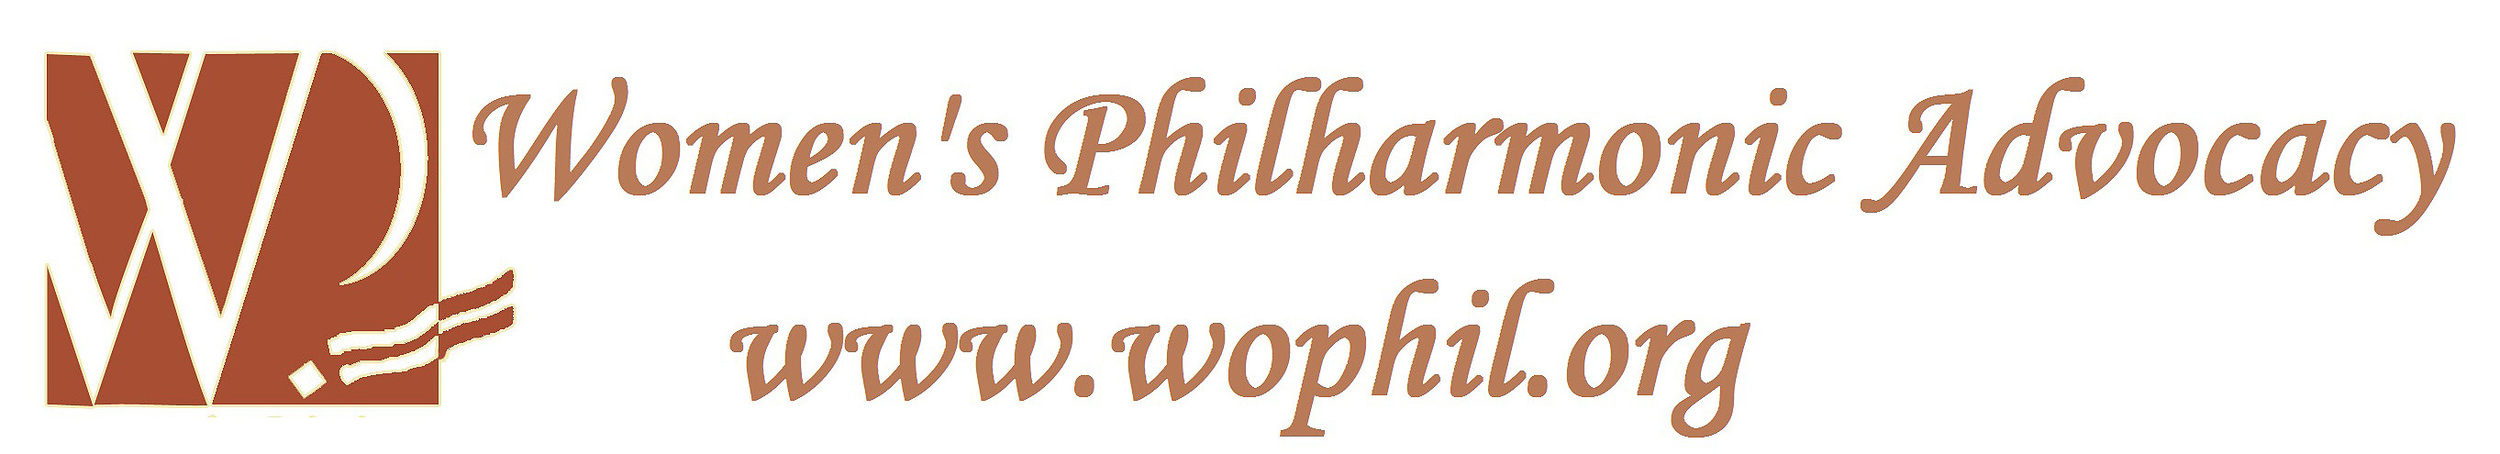 WPA-logo-2.jpg